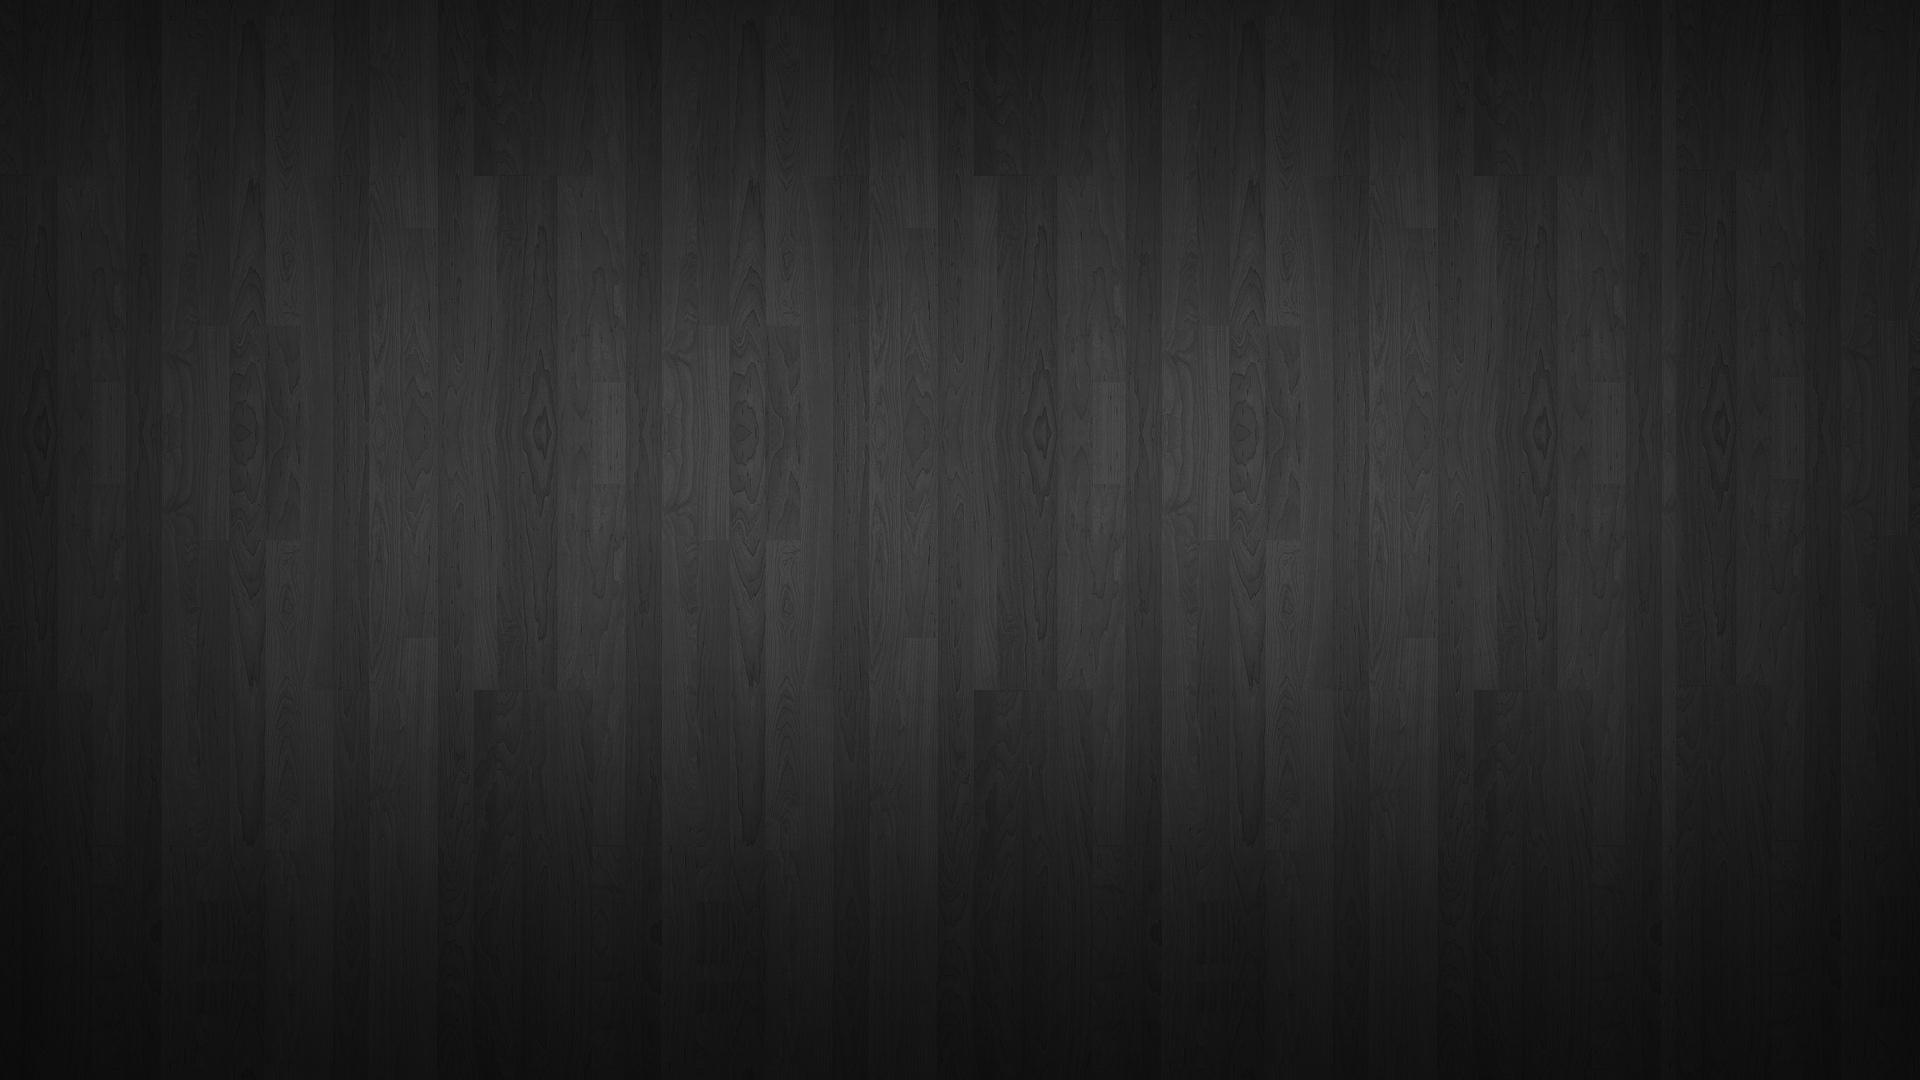 Download wallpaper 1920x1080 patterns black white background background black white wooden voltagebd Gallery